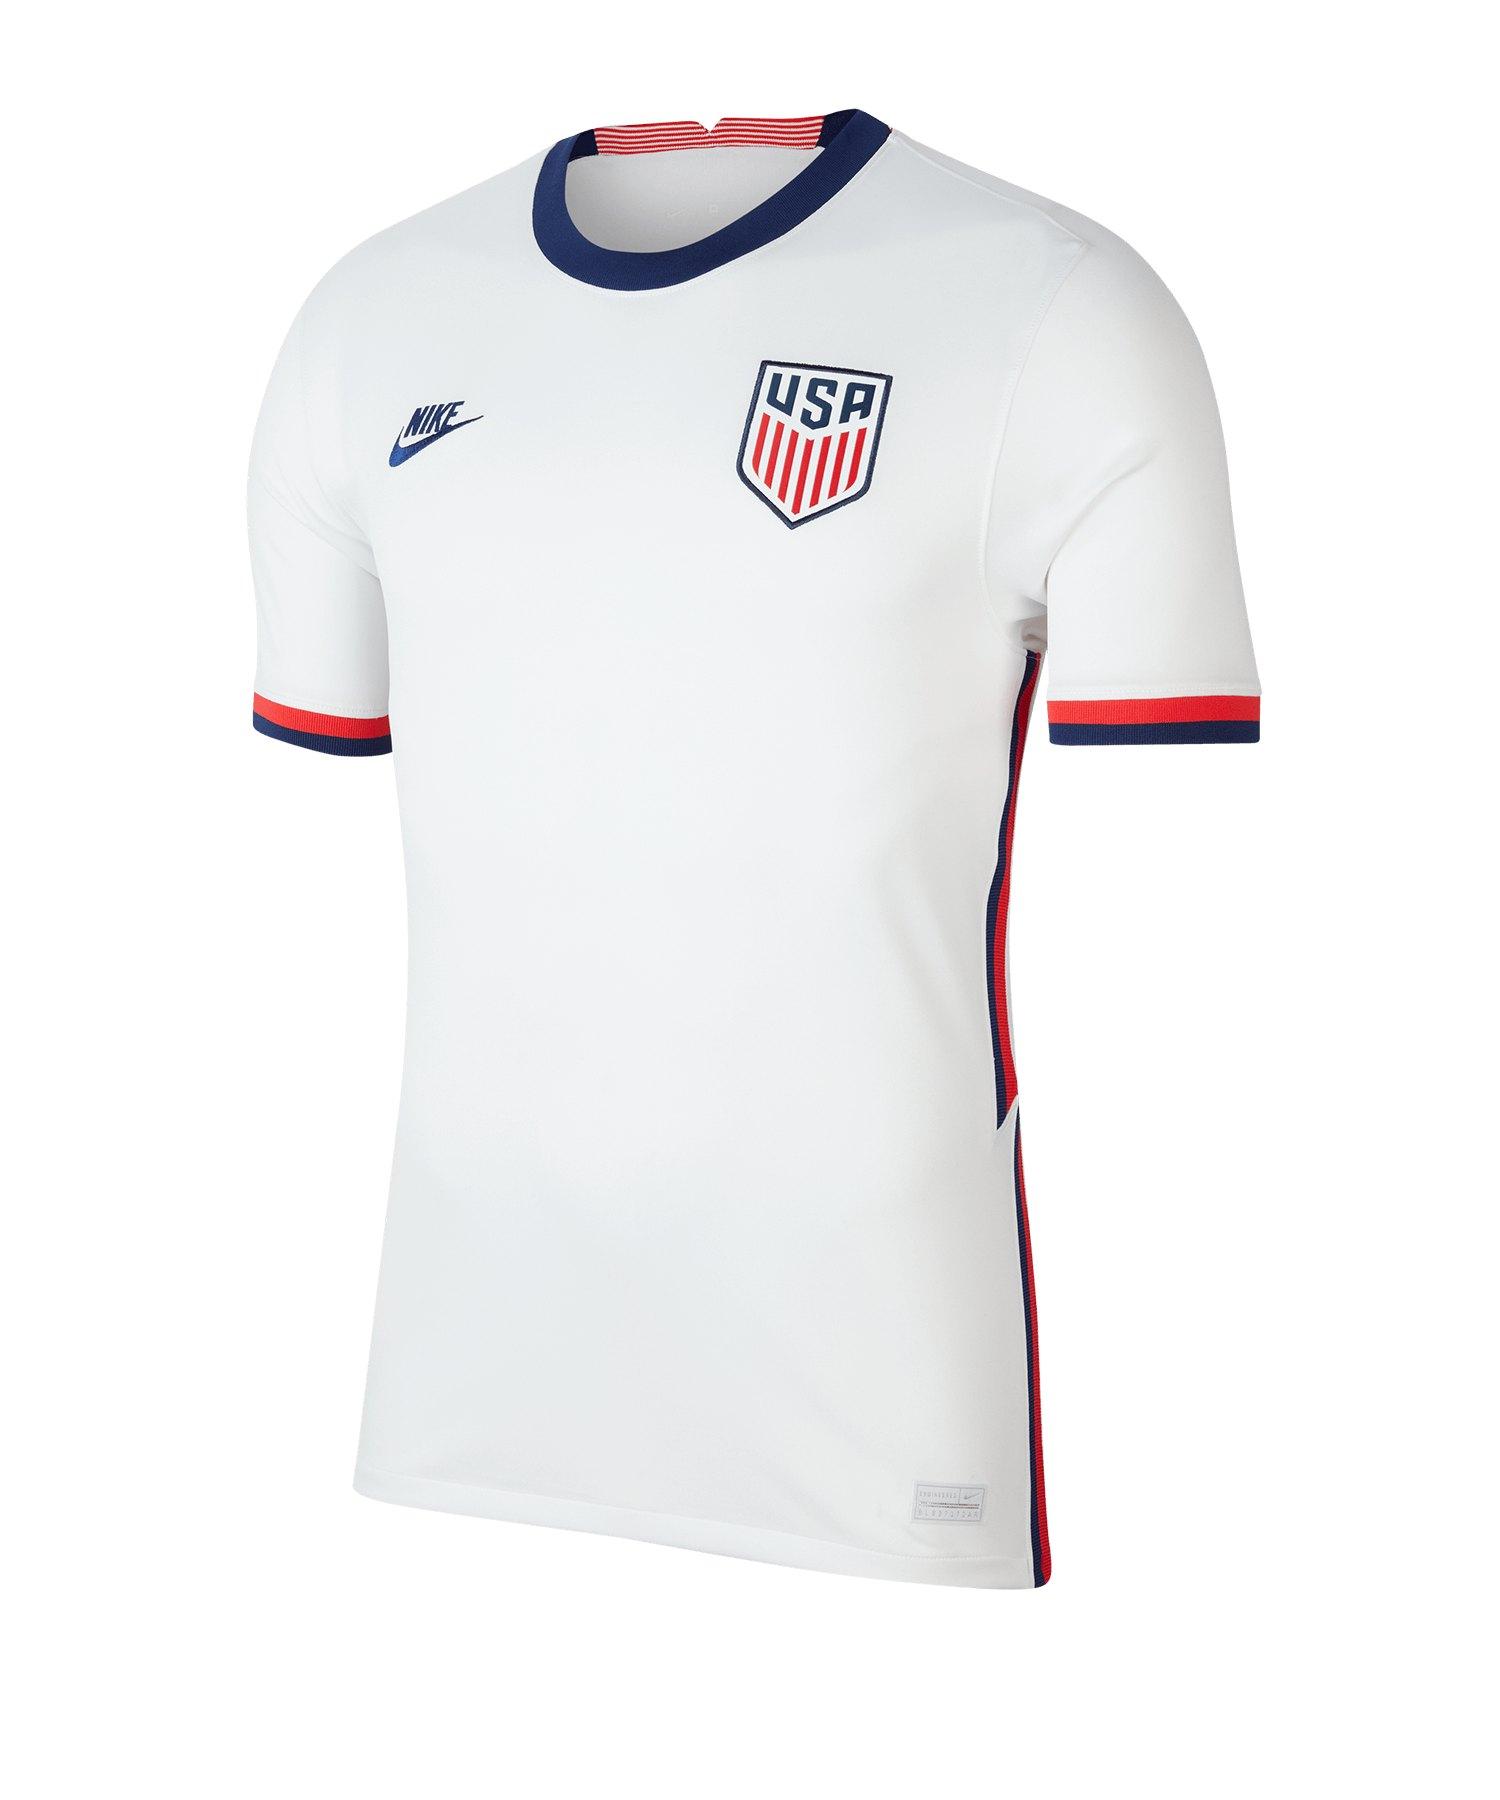 Nike USA Trikot Home 2020 Weiss F100 - weiss